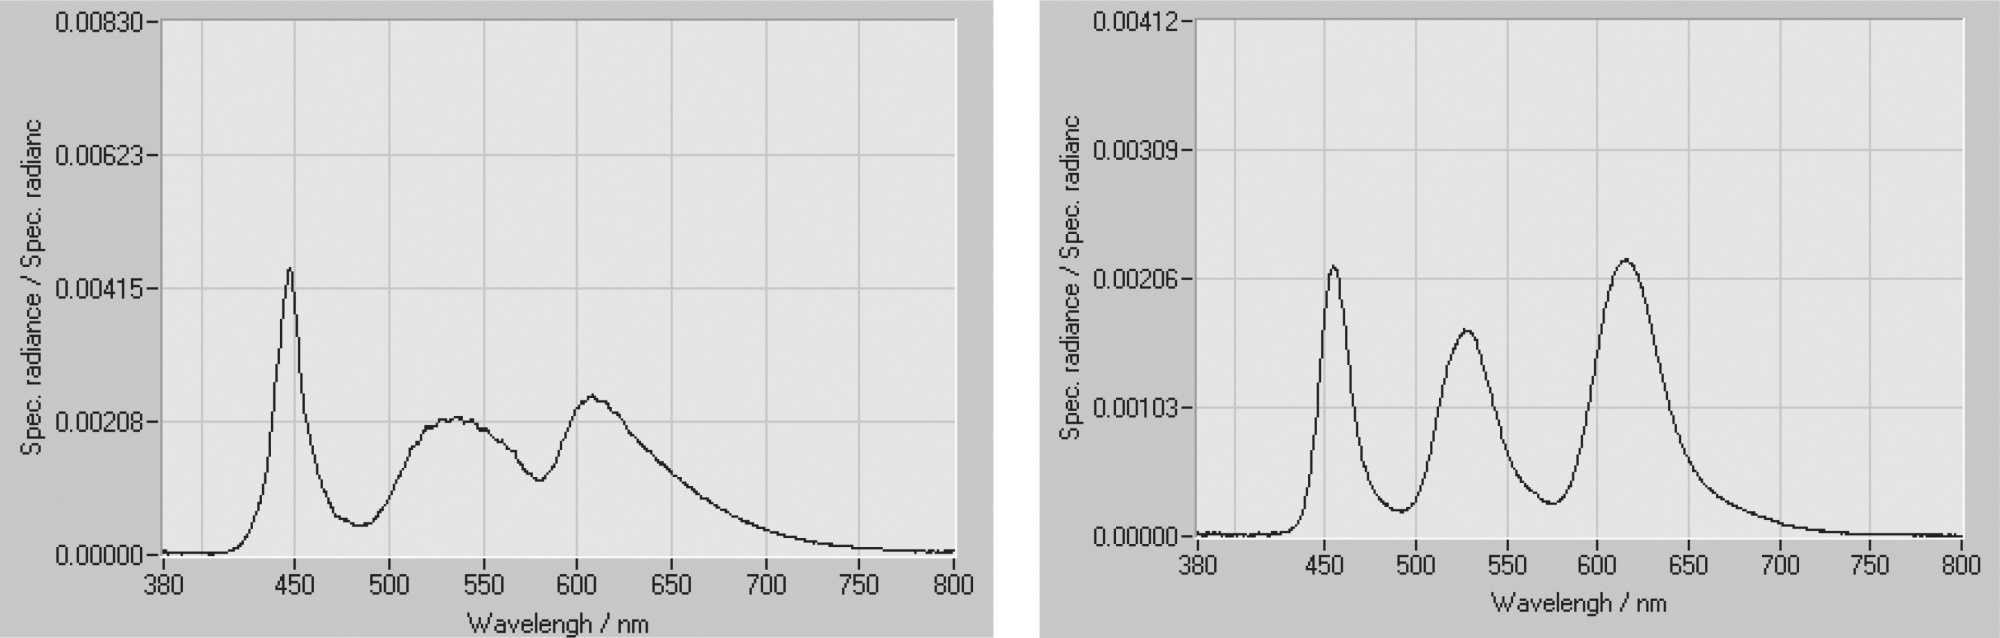 Blaufilter senken bei beiden Display-Typen den Anteil an blauem und in geringem Maße auch an grünem Licht. Die rötlich schimmernde Darstellung strengt die Augen weniger an.